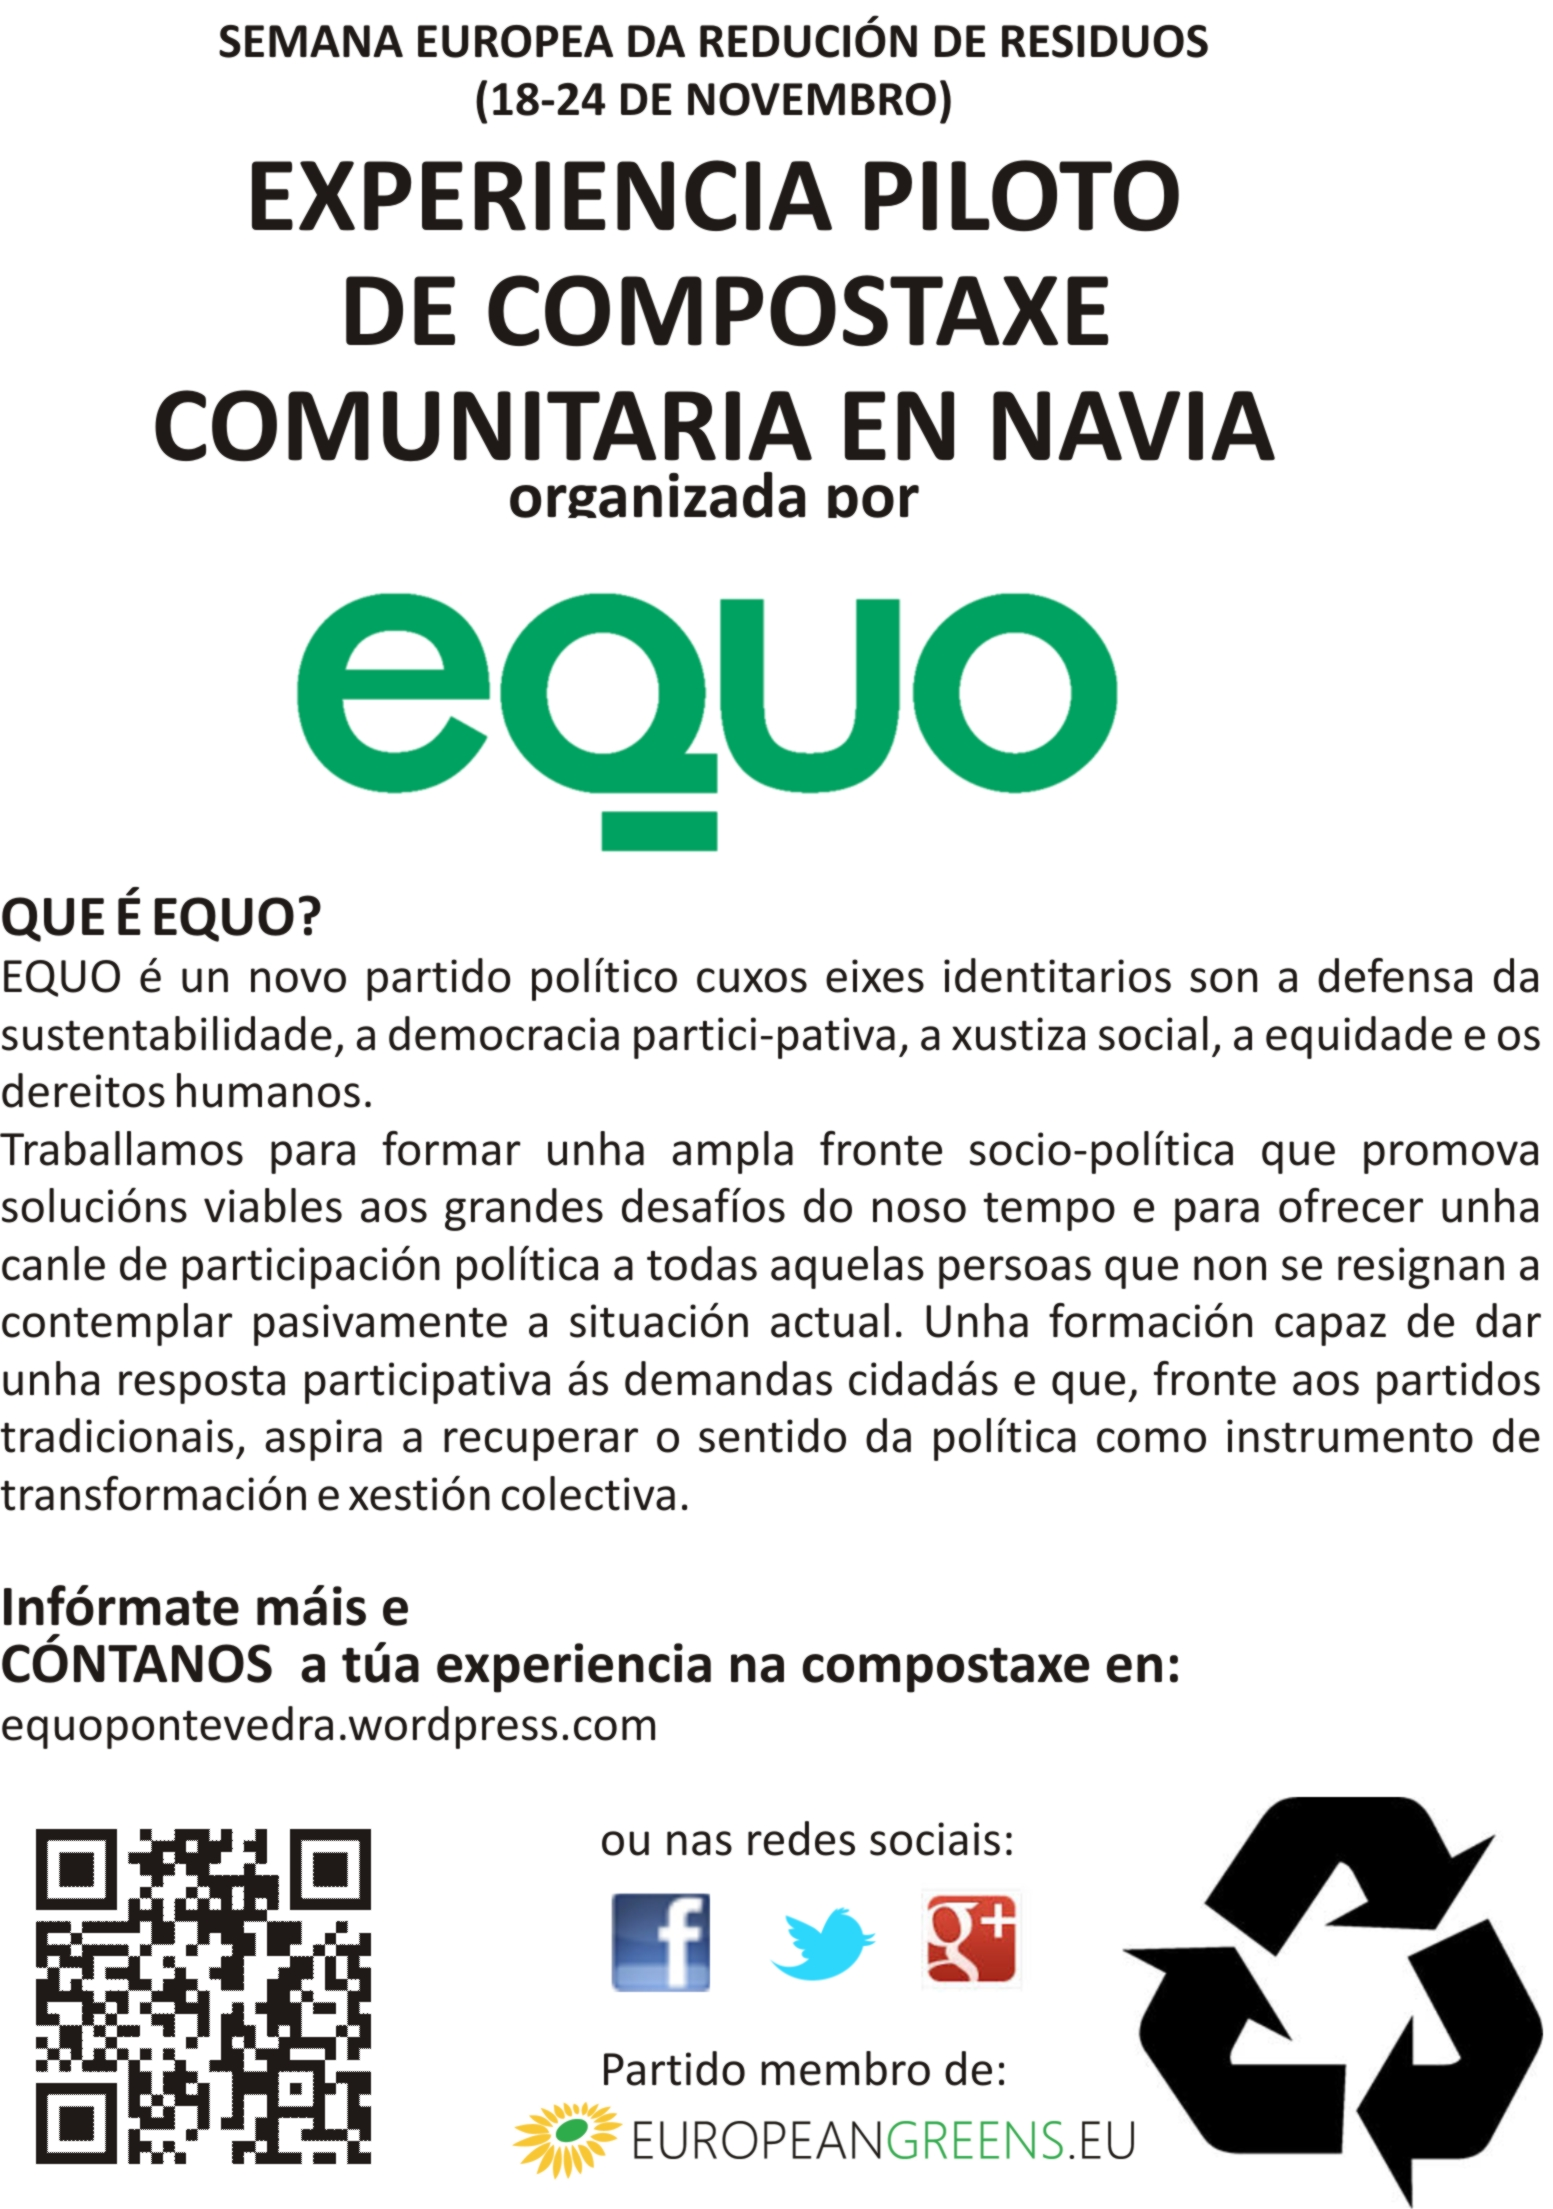 panfleto_compostaxe_2